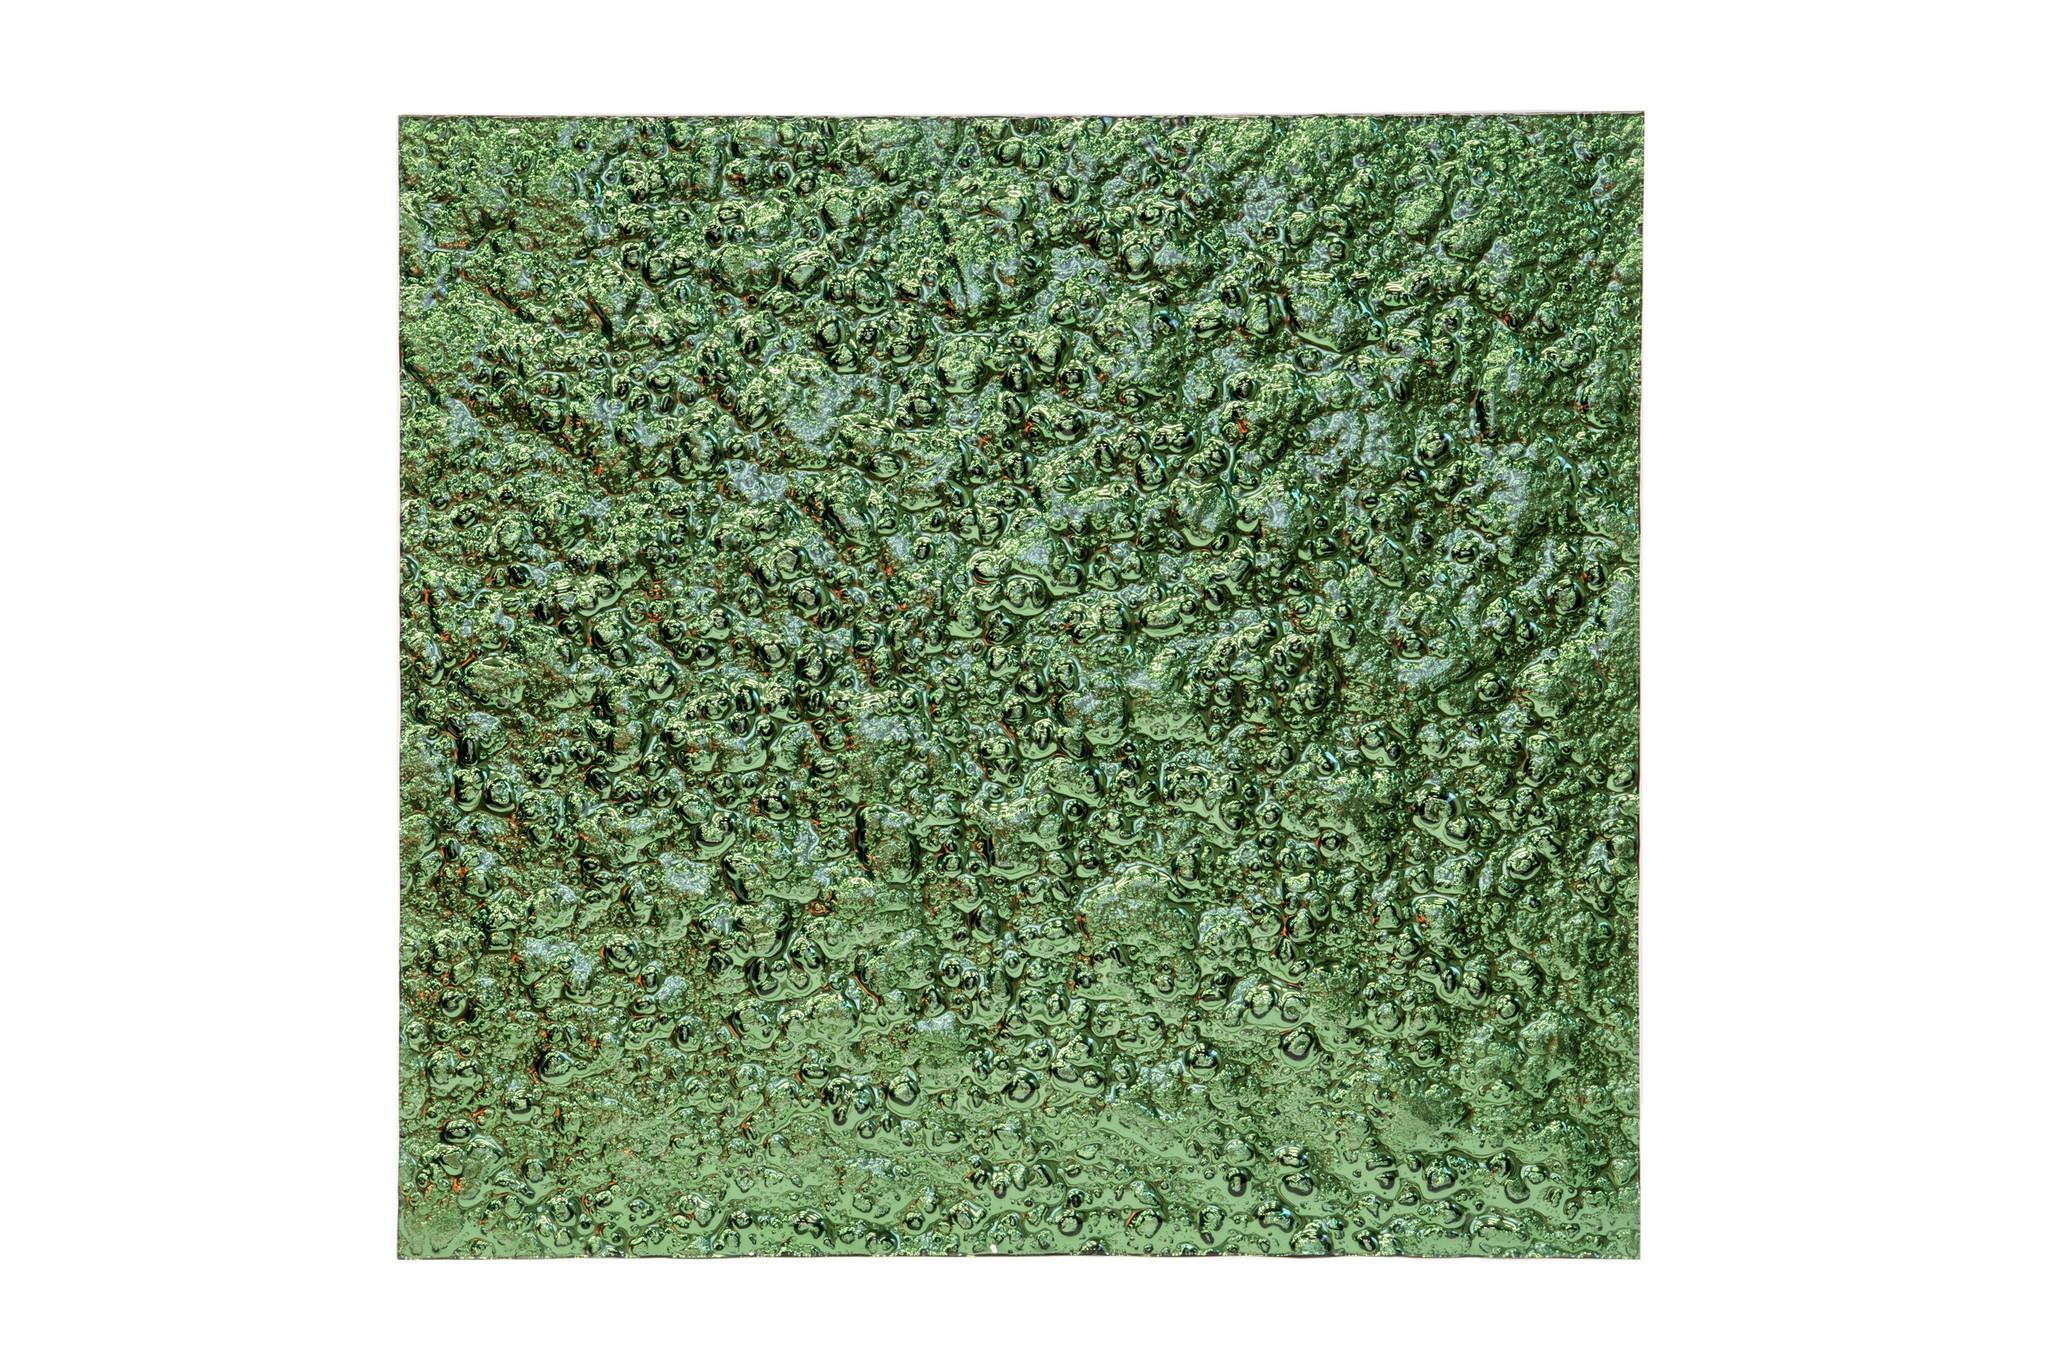 Стеновая панель Green PlanetПанно<br>Стеновые панели из стекла способны преобразить любой интерьер до неузнаваемости. Экспериментируйте с цветом и фактурой — дайте волю фантазии! Стеклянные стеновые панели – это оригинальный способ создать незаурядный интерьер, как в общественном заведении, так и в приватном помещении. Панели легко крепятся к поверхности  с помощью специального клея. Использовать стеклянные панели также можно в качестве фасада мебели. Панелями можно обшить, как большую площадь сразу (в помещении или на улице), так и отдельные элементы (например, колонны). Изготавливаются под размеры заказчика.<br><br>Material: Стекло<br>Ширина см: 100<br>Высота см: 100<br>Глубина см: 2